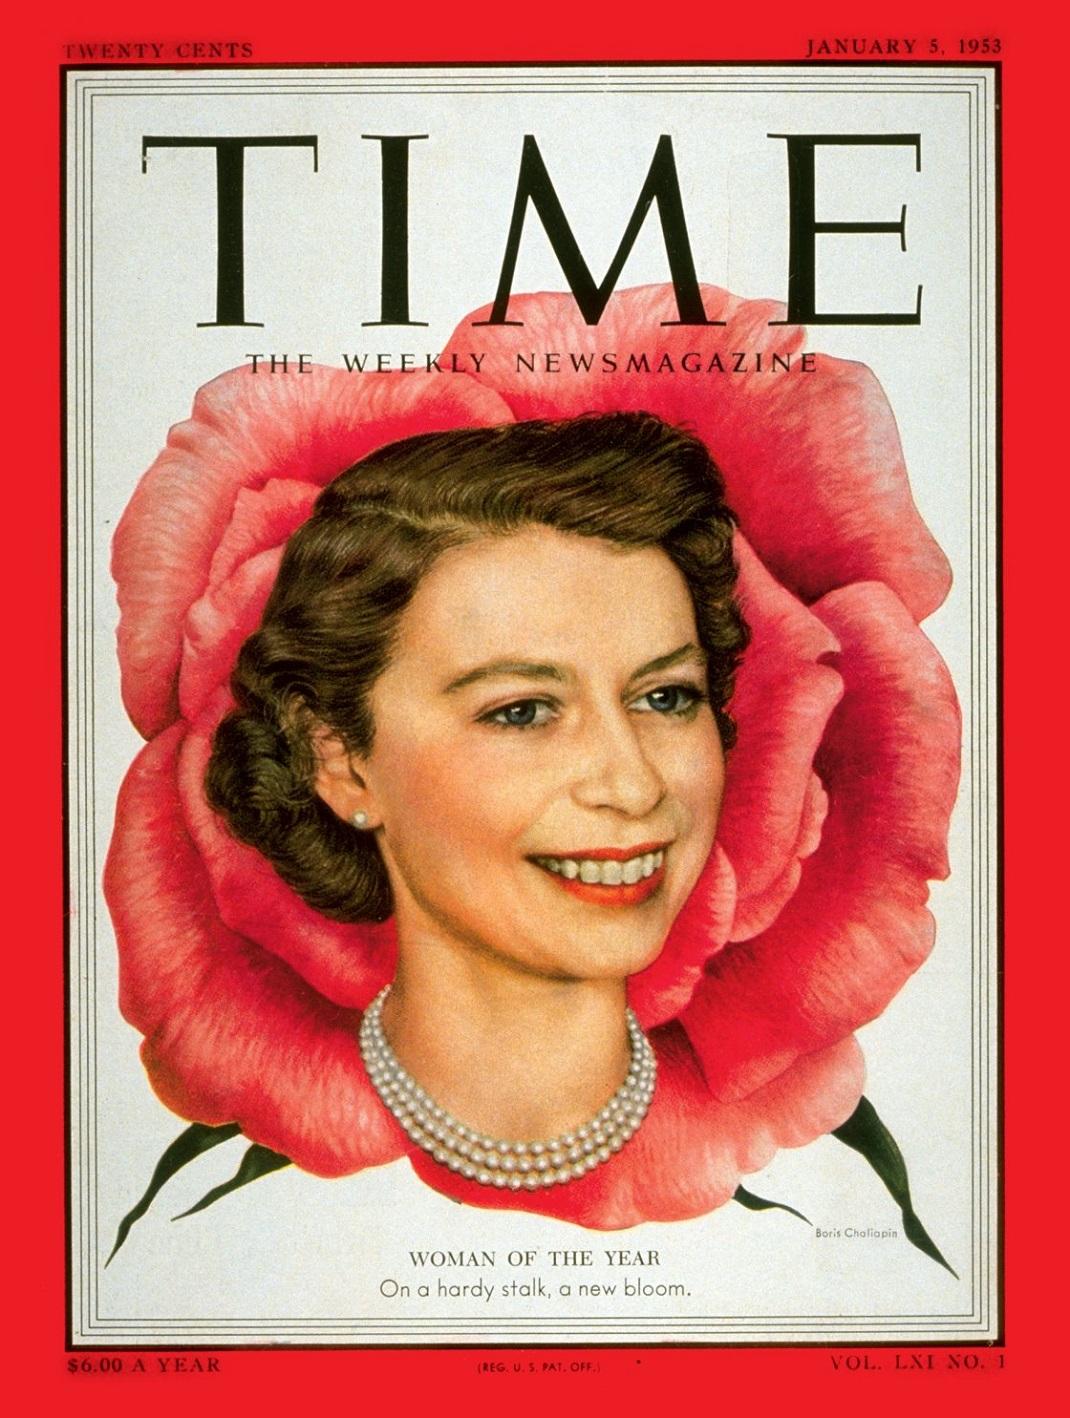 Η βασίλισσα Ελισάβετ στο εξώφυλλο του TIME